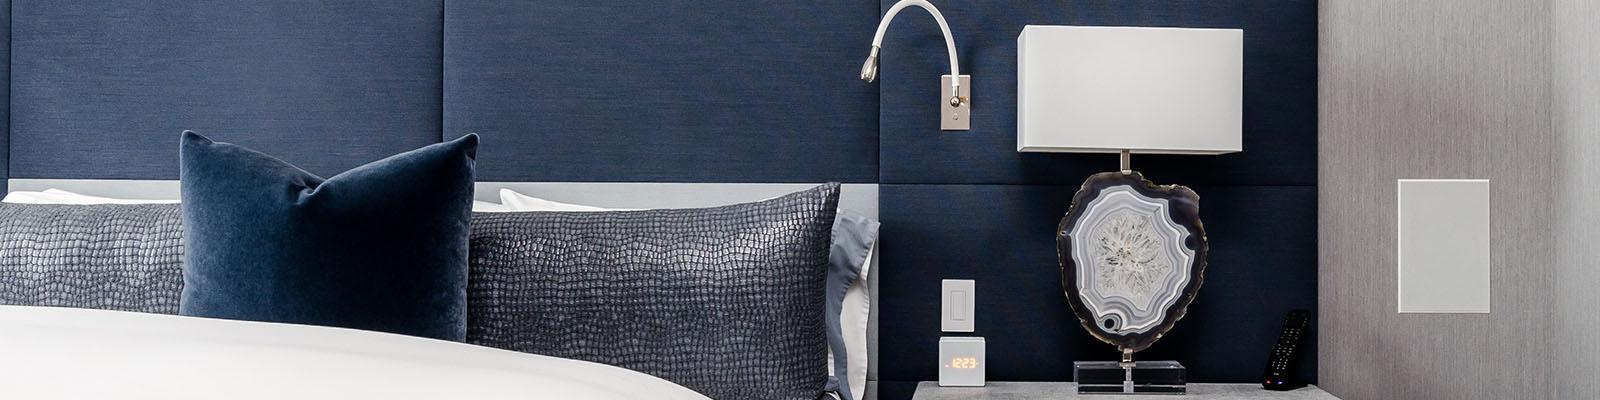 h4-projet-banner-chambre-en-ville-1600x400